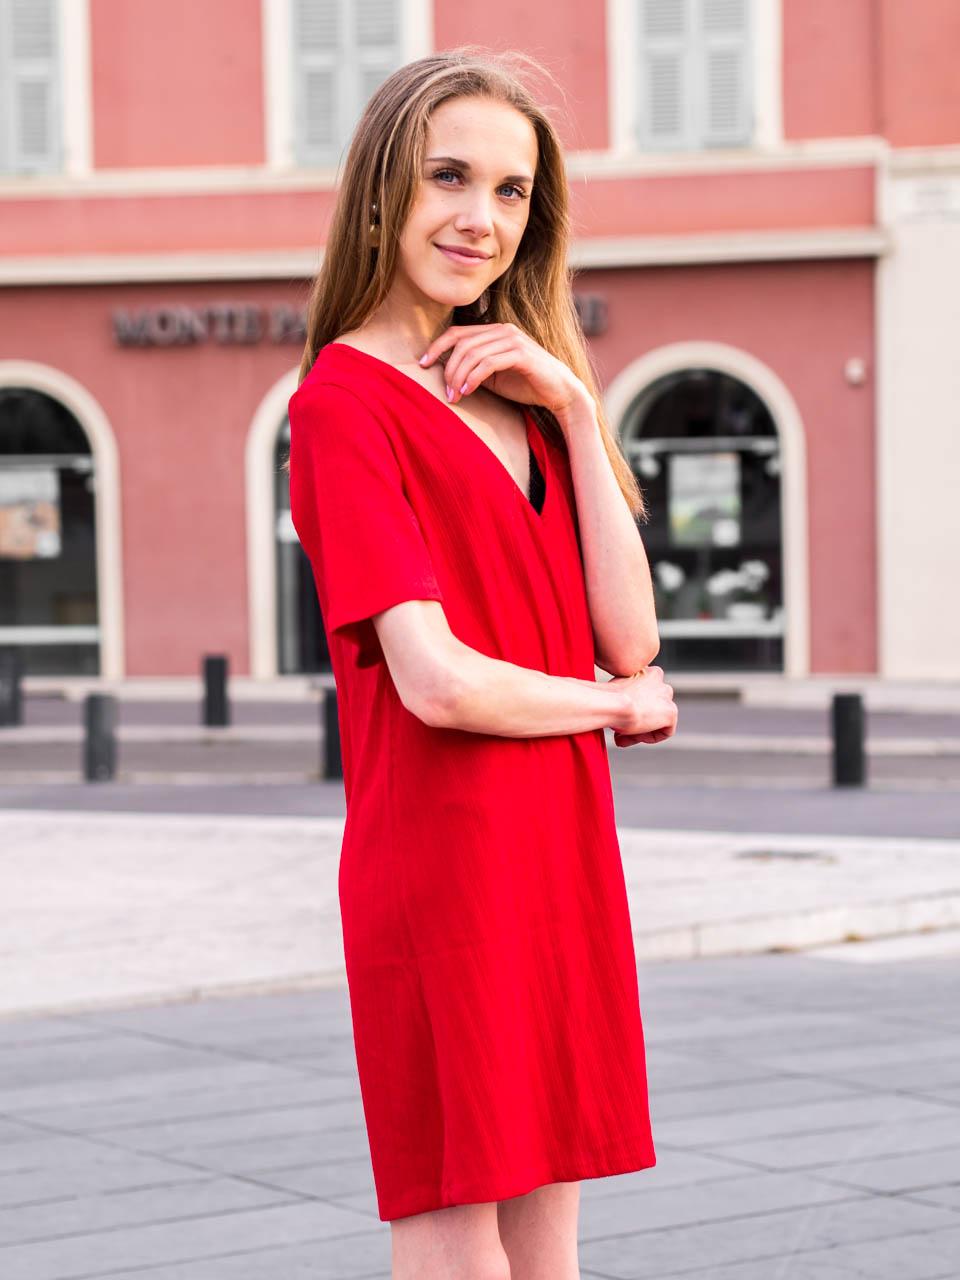 summer-fashion-outfit-blogger-style-streetstyle-nice-france-kesämuoti-bloggaaja-kesämekko-nizza-ranska